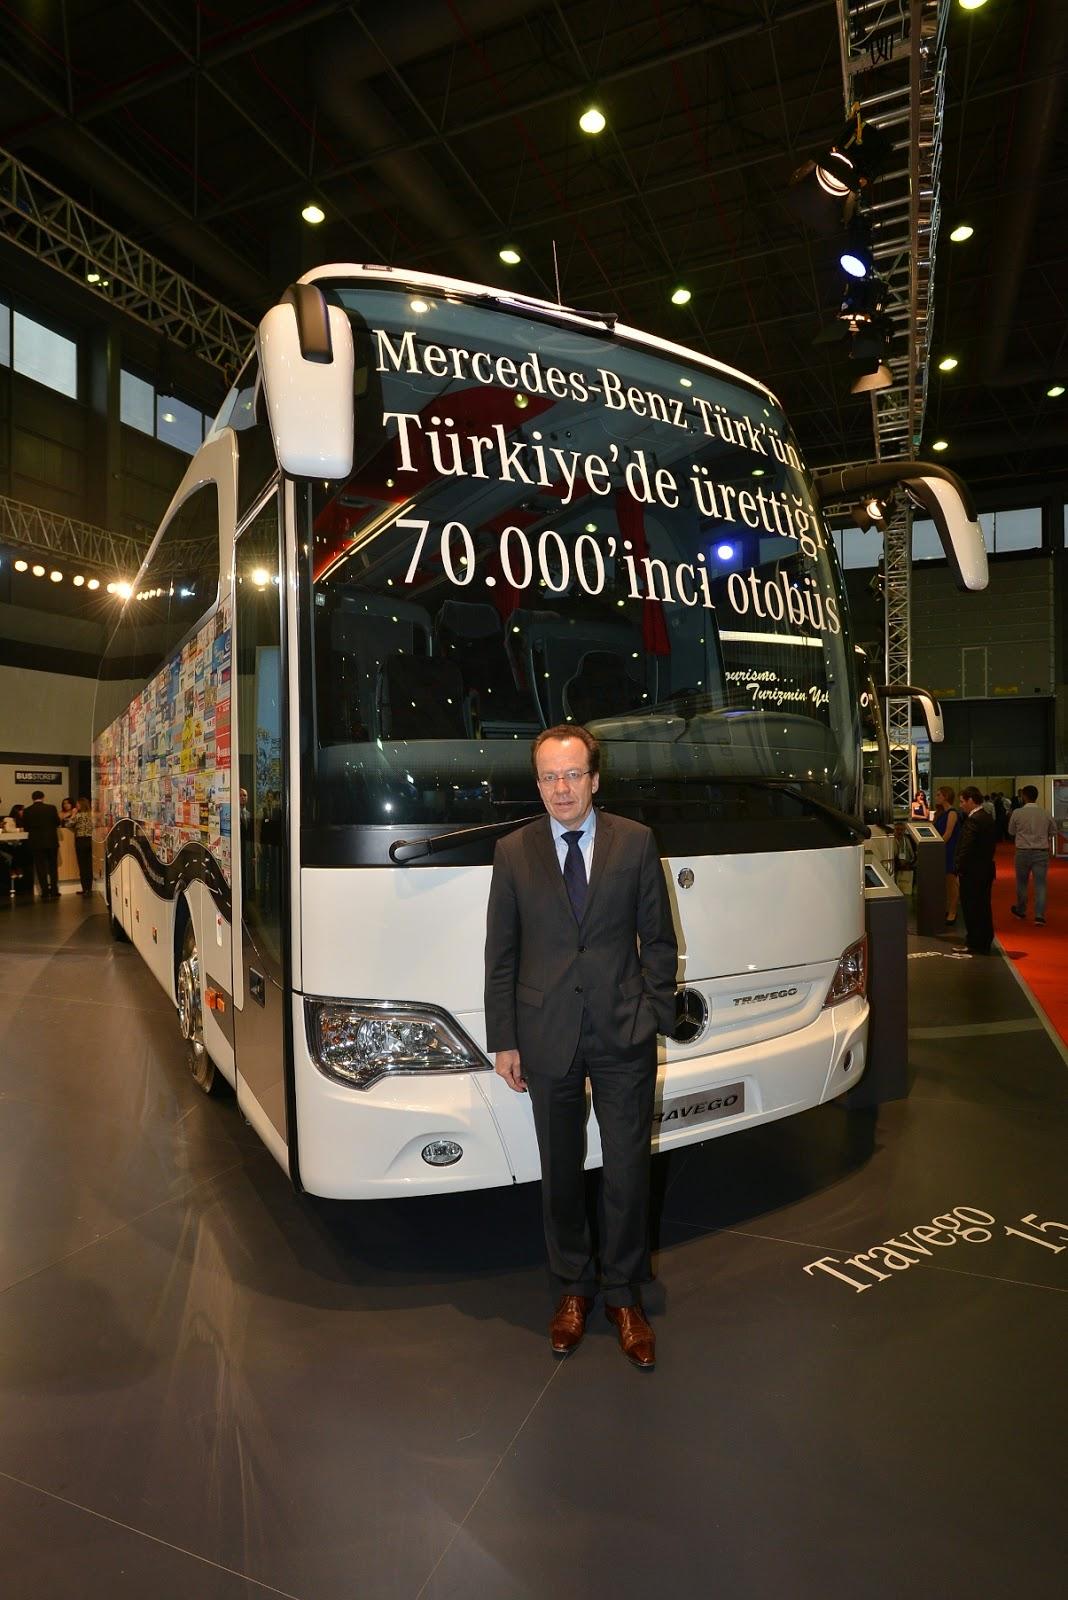 B ltenler mercedes benz t rk otob s ve yeni for Mercedes benz turkey